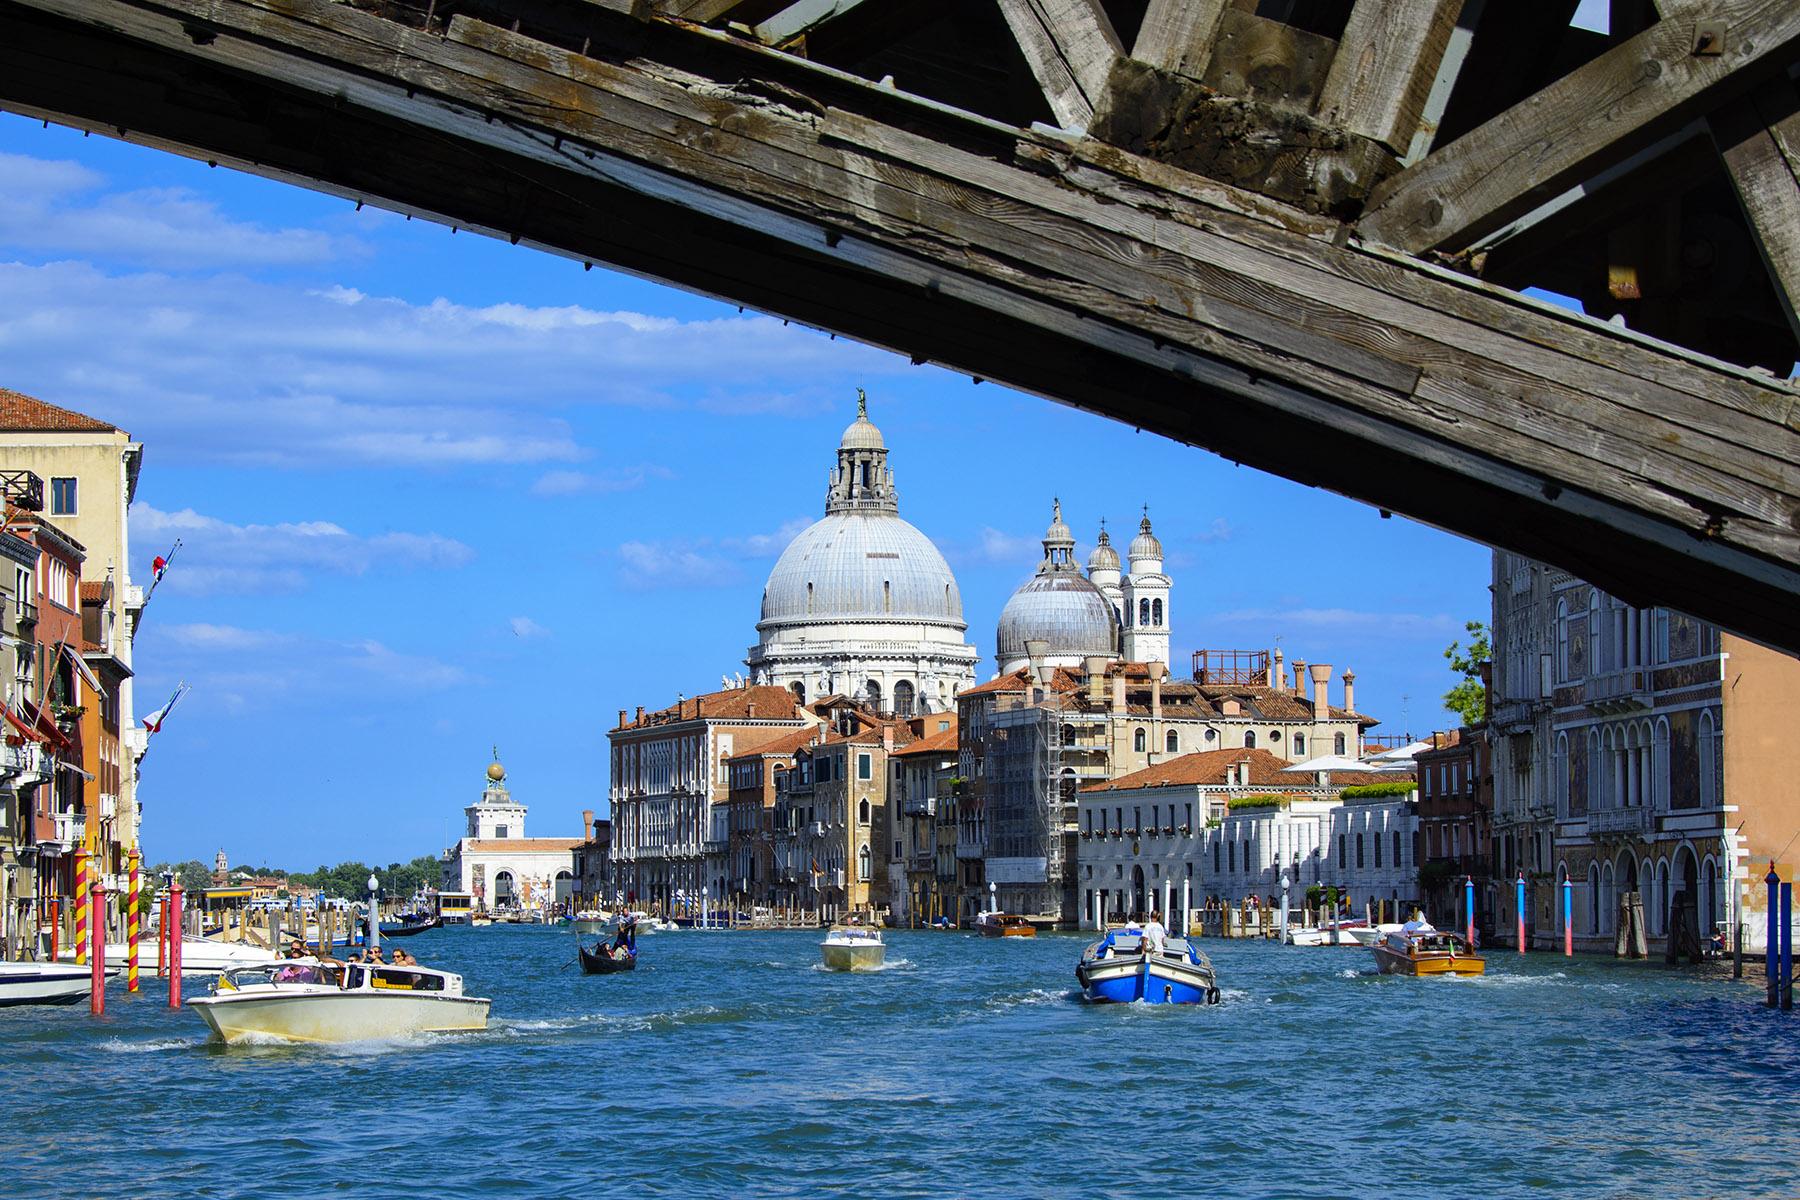 Ponte dell'Accademia Venedig